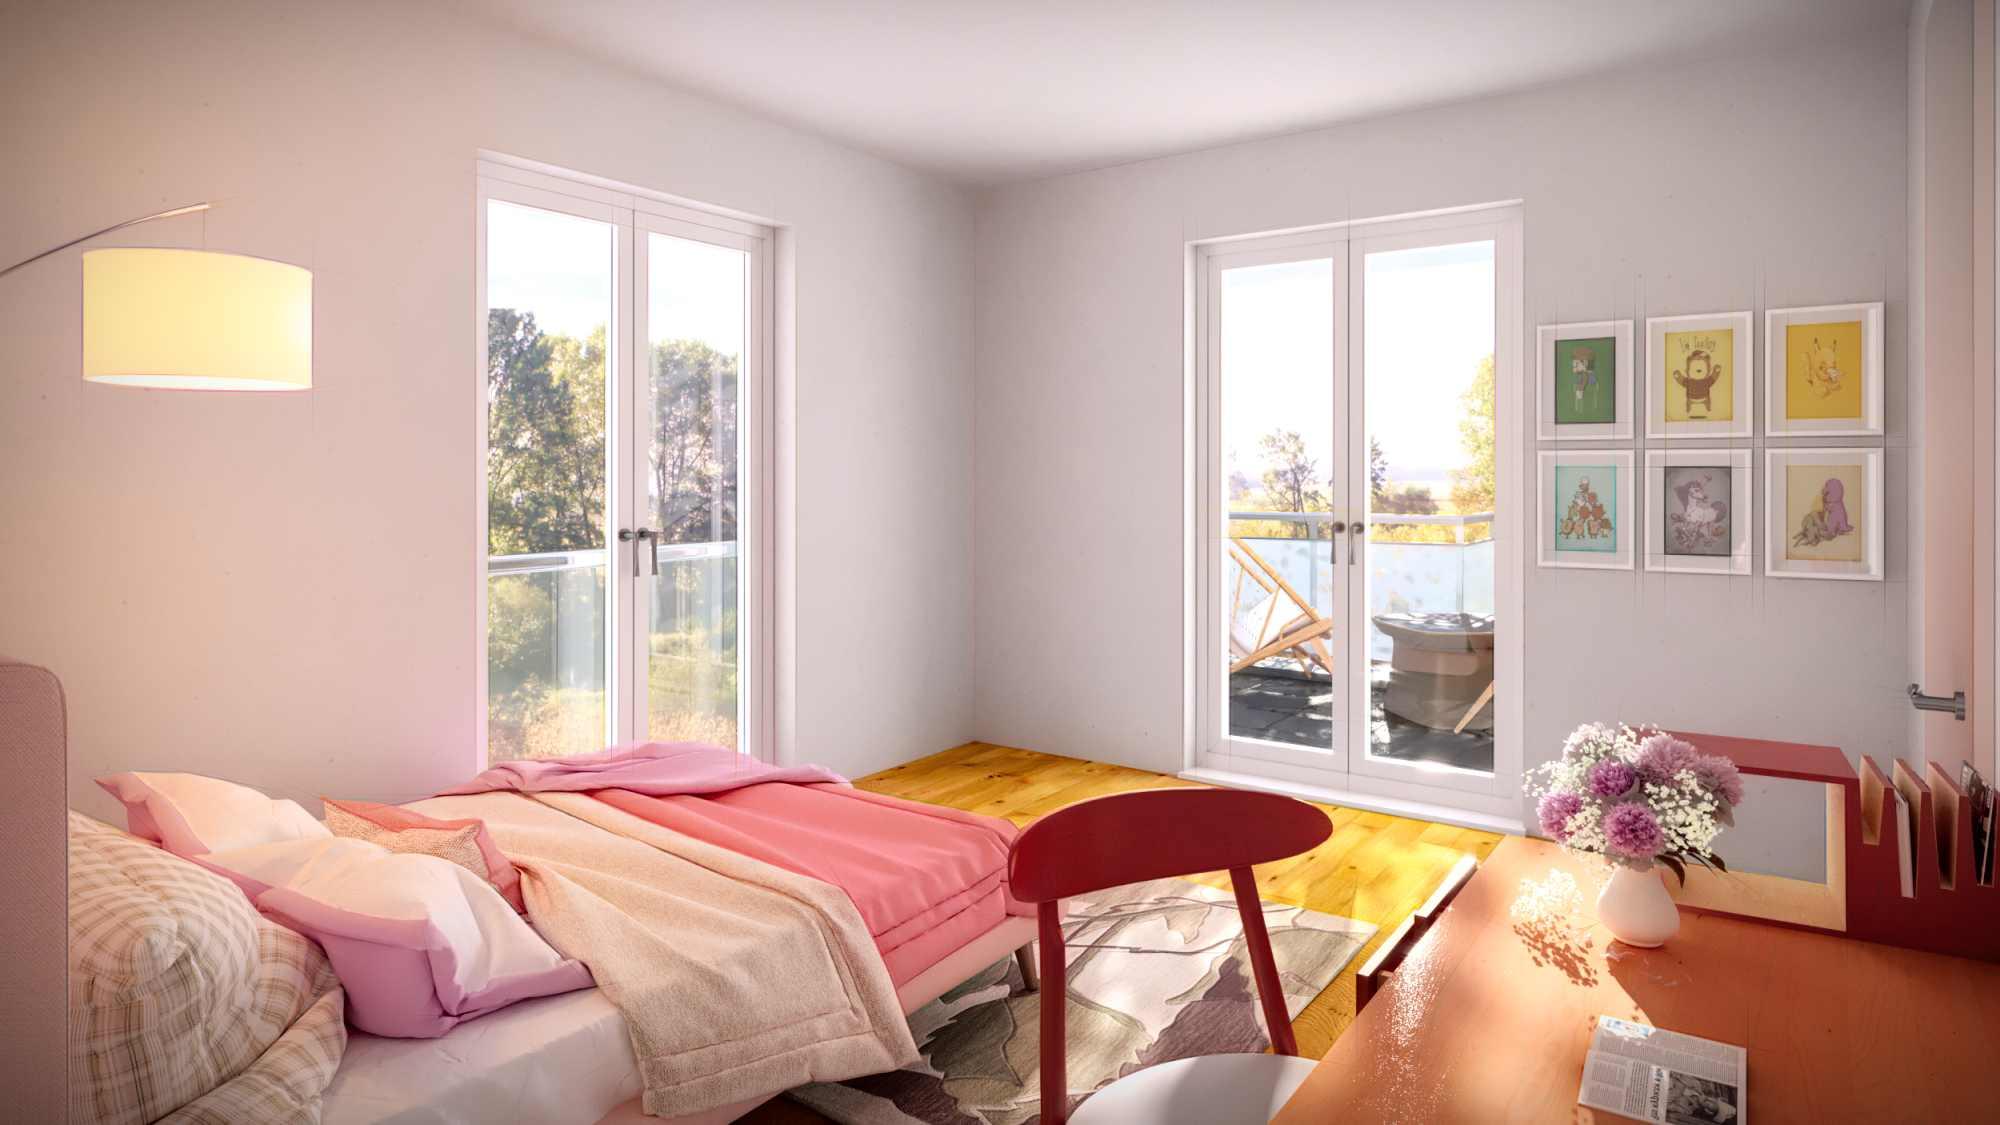 Architekturvisualisierung eines Kinderzimmers